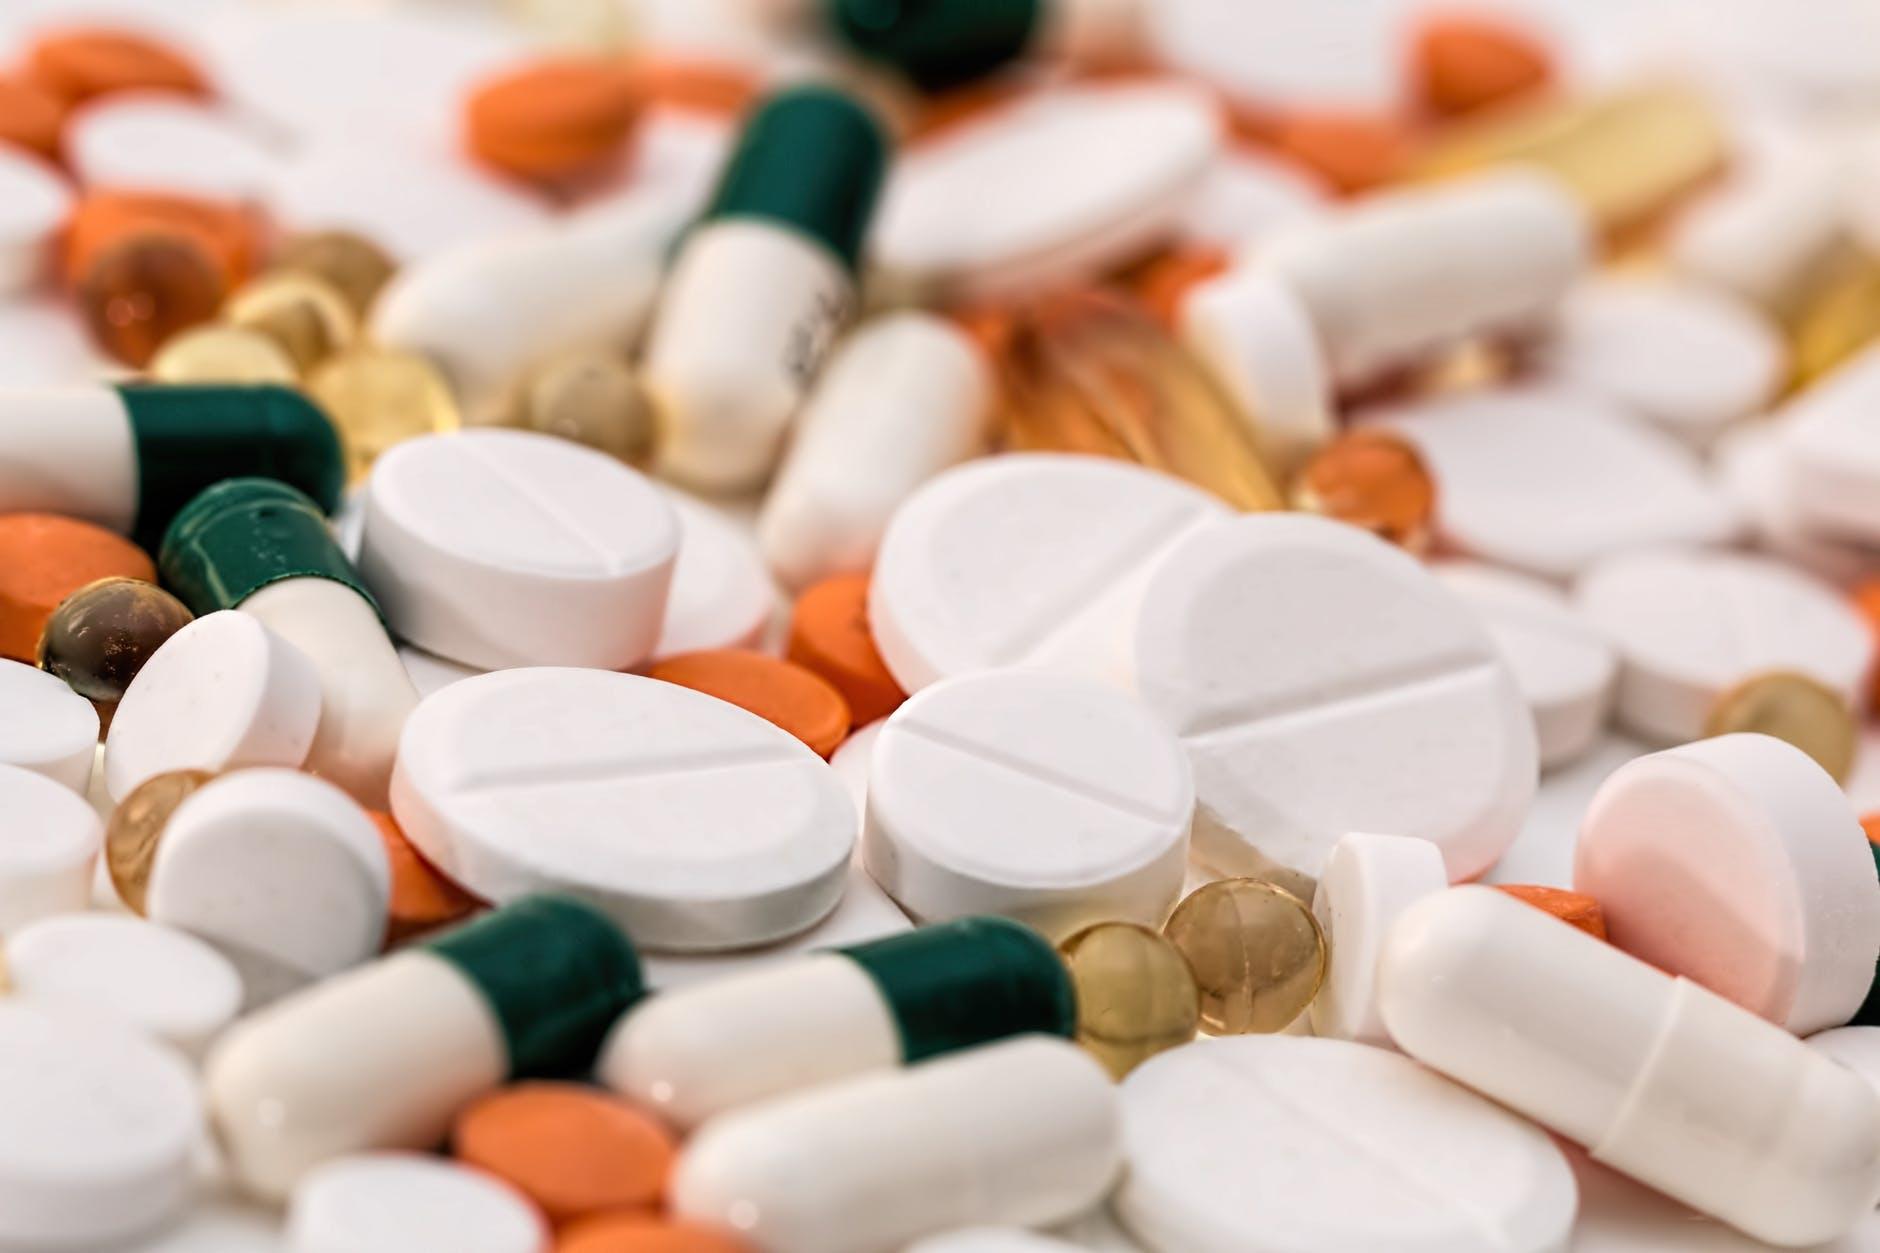 ¿Qué es un medicamento genérico?, Enfermedades y su tratamiento